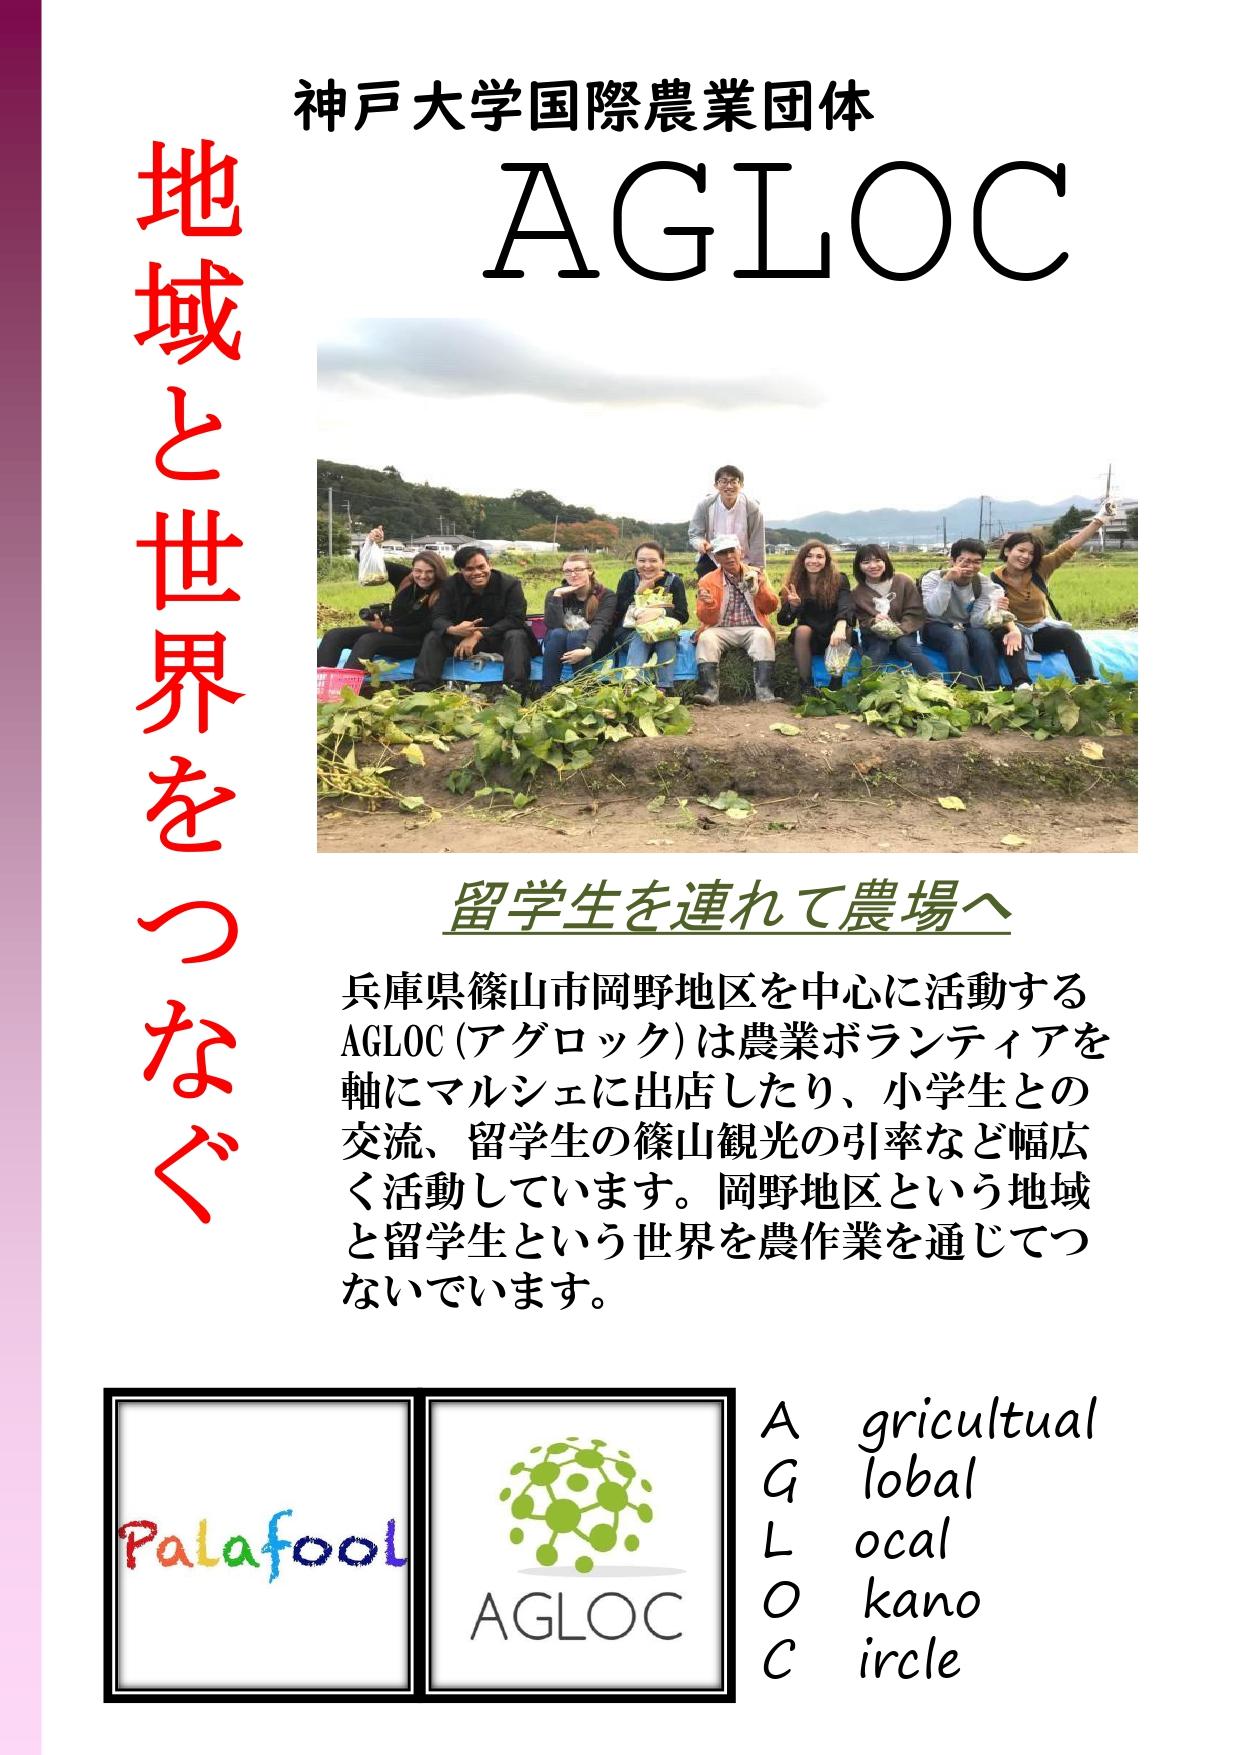 地域と世界をつなぐ 〜神戸大学国際農業団体AGLOC〜